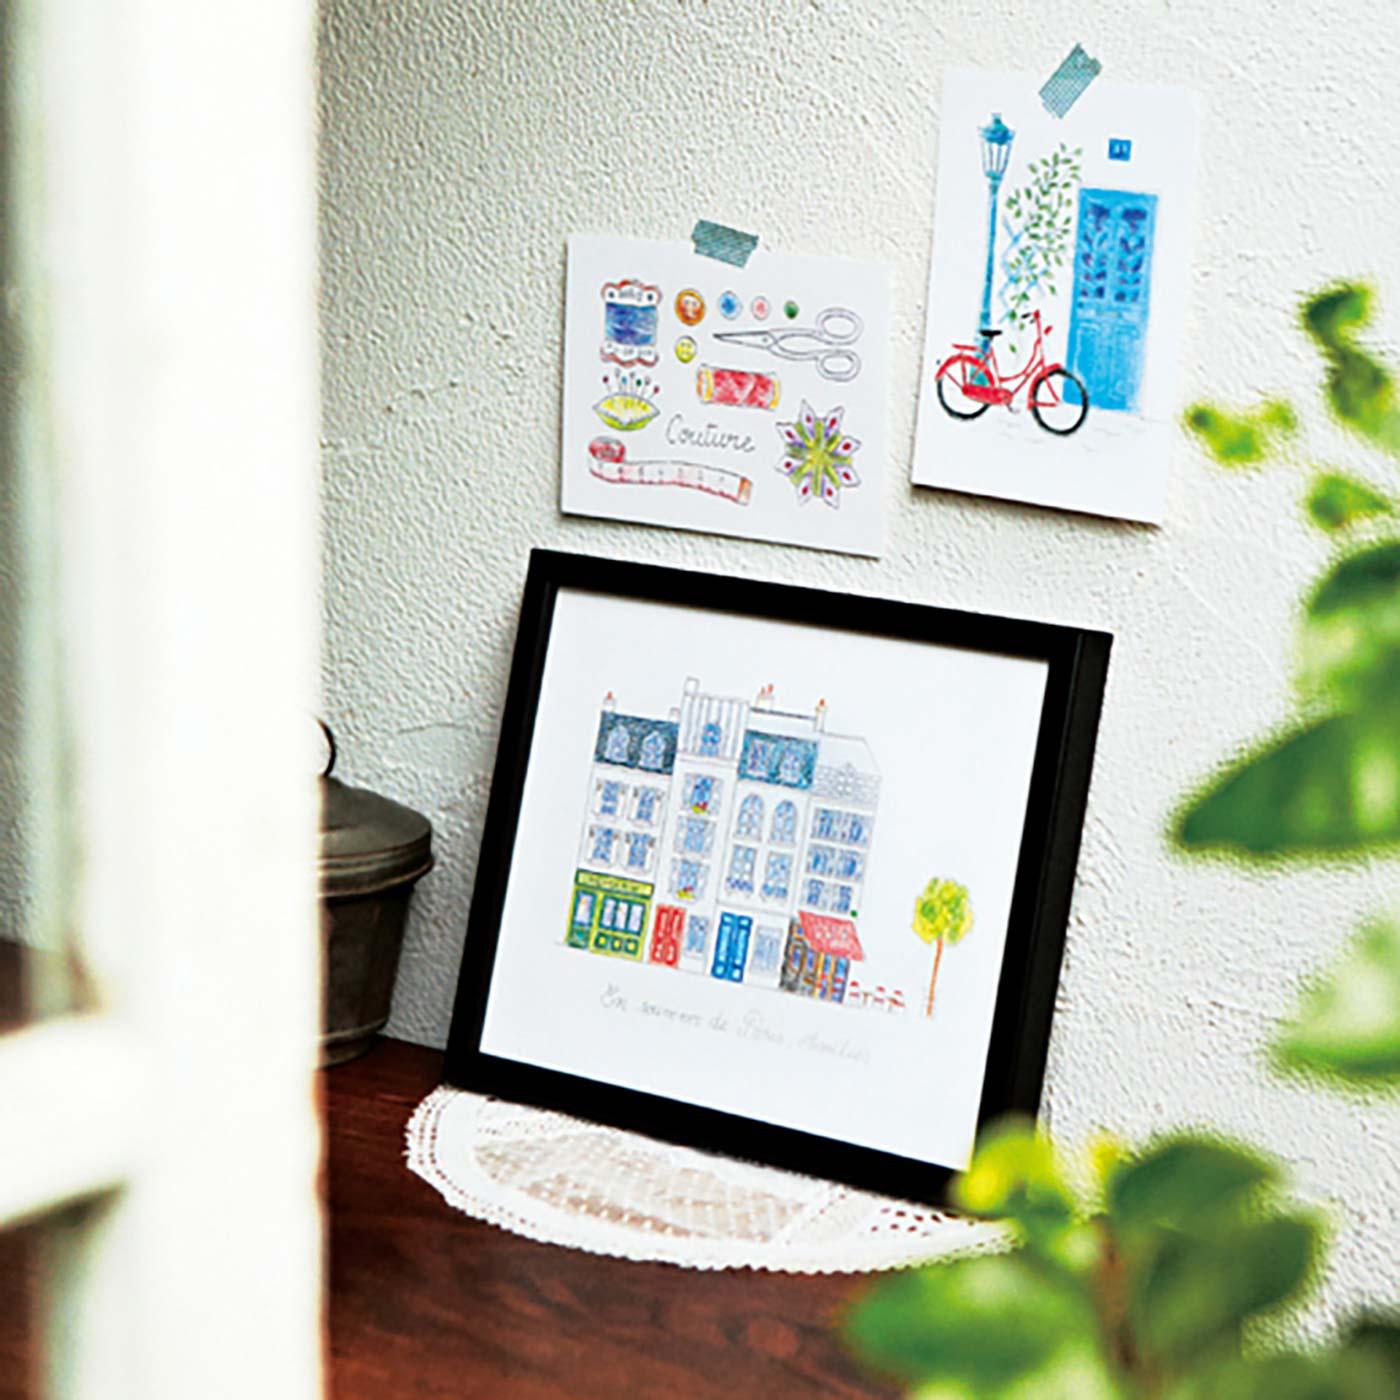 壁やコーナーに作品を飾ってミニギャラリーに風に。